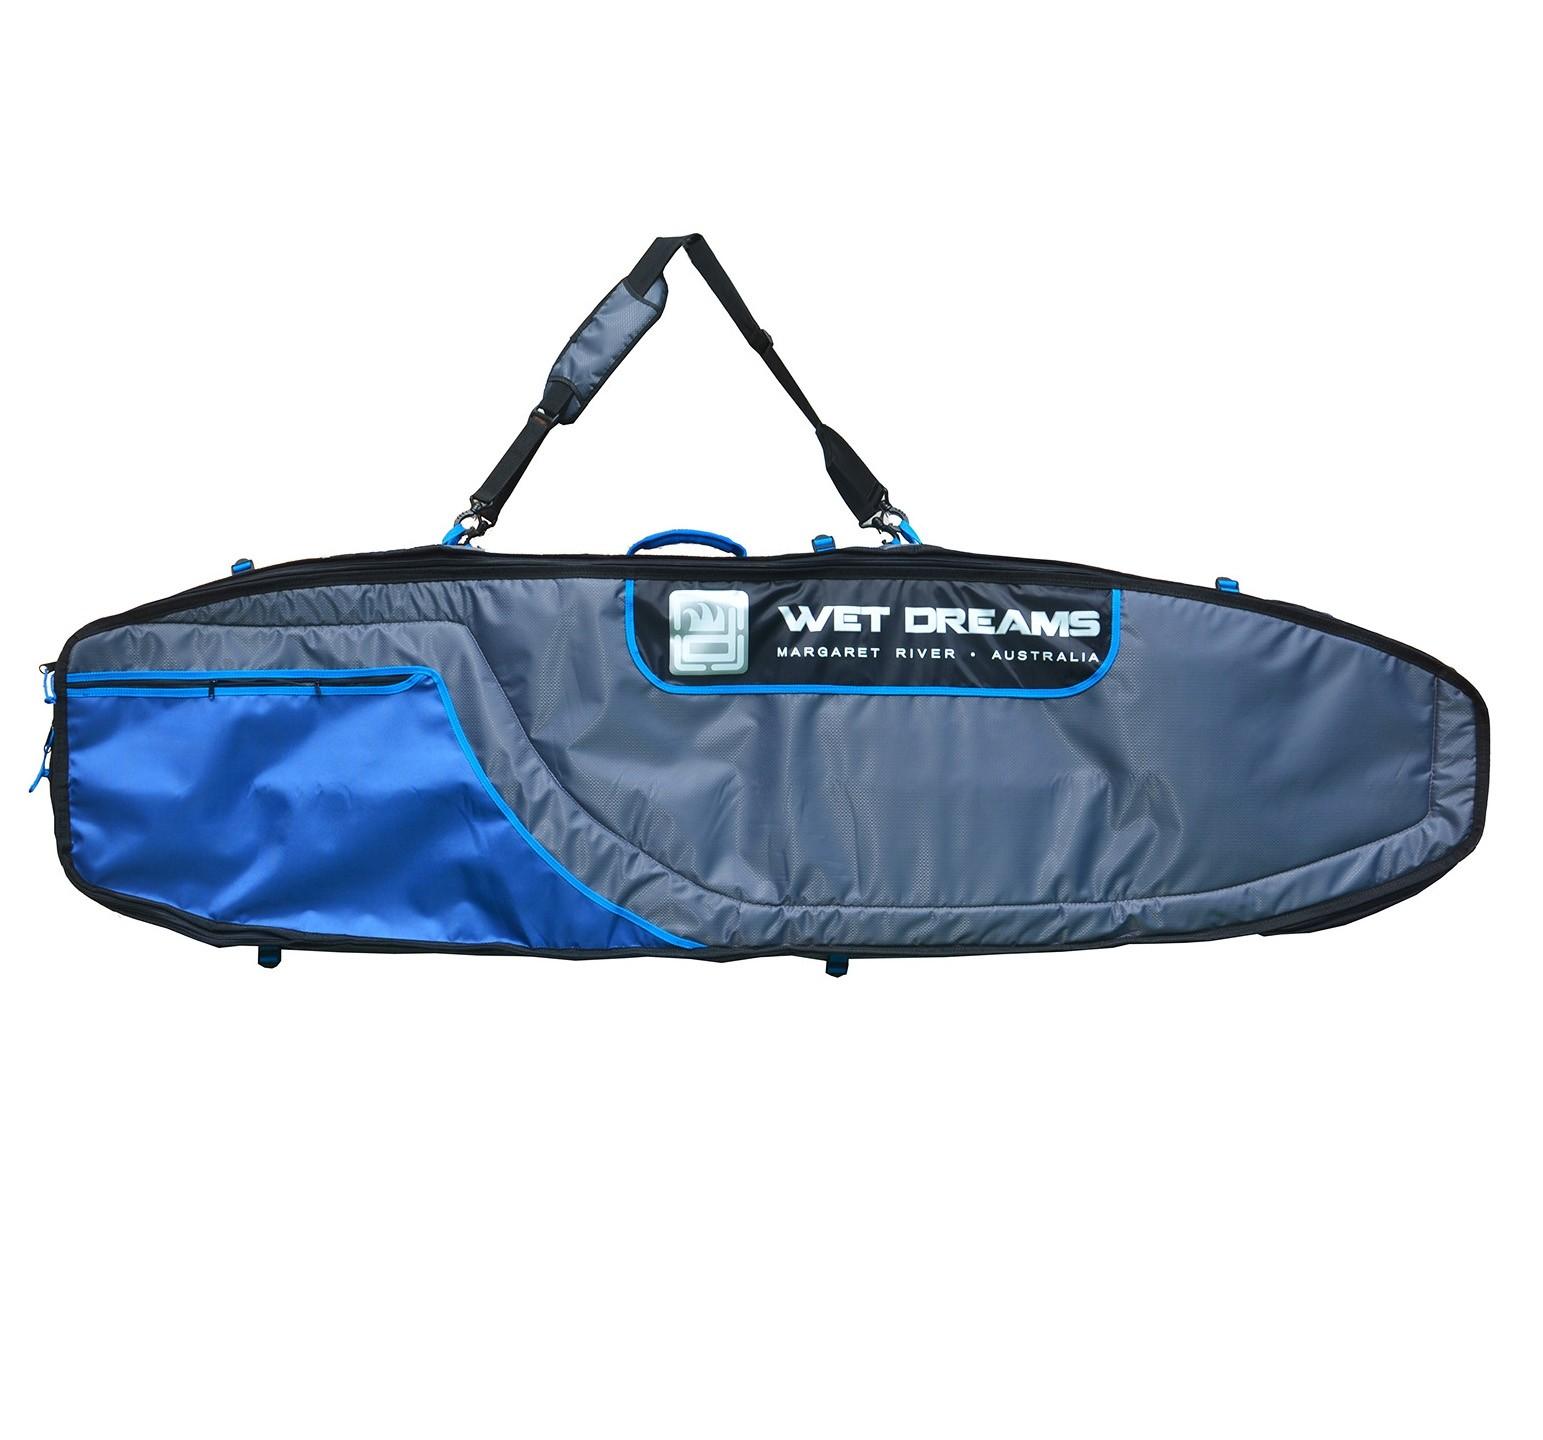 Sarcófago para 5 pranchas de Surf 6'6'' - 2,00m - Wet Dreams | Prancharia